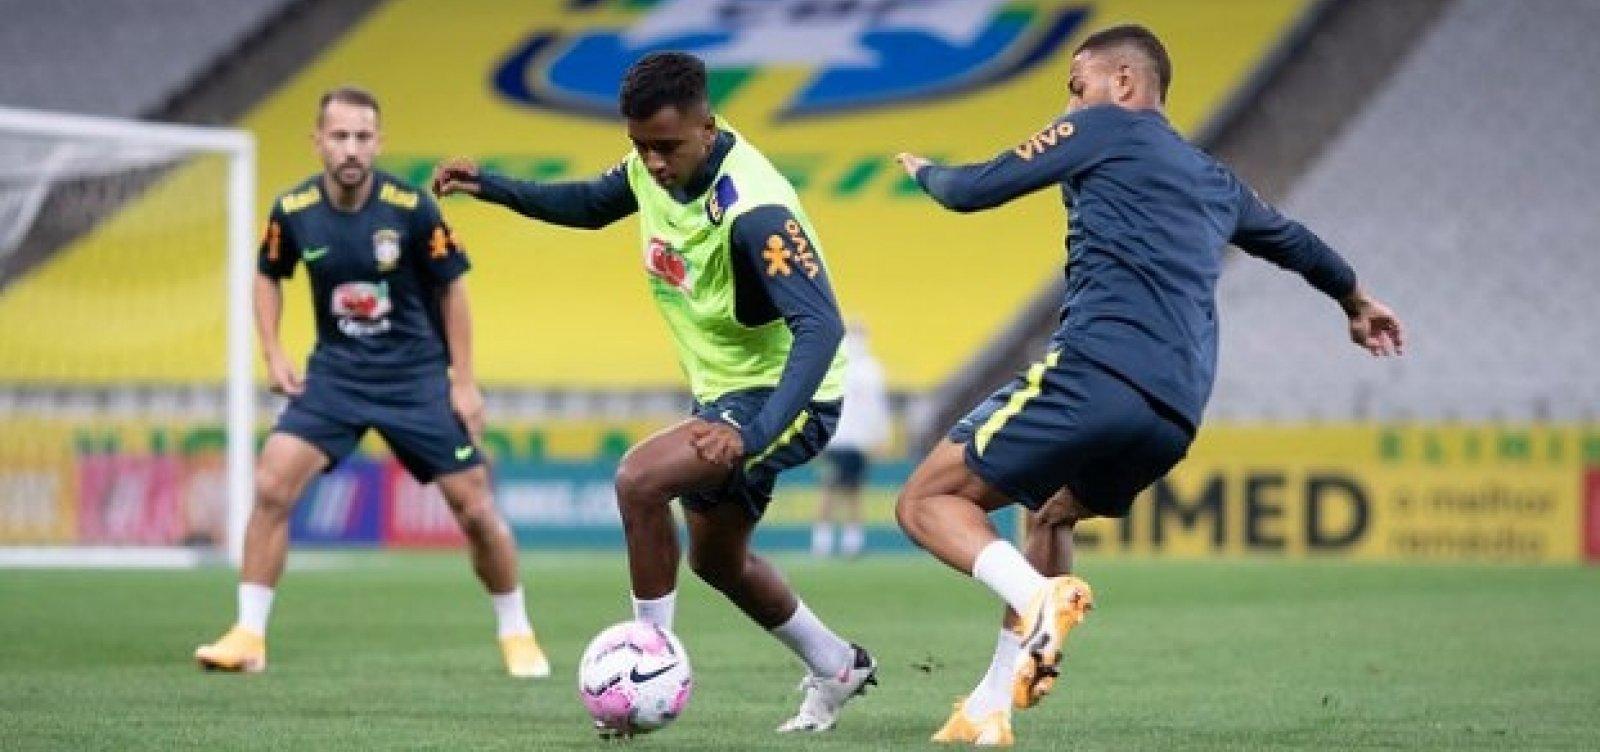 Eliminatórias da Copa: Brasil estreia nesta sexta contra a Bolívia